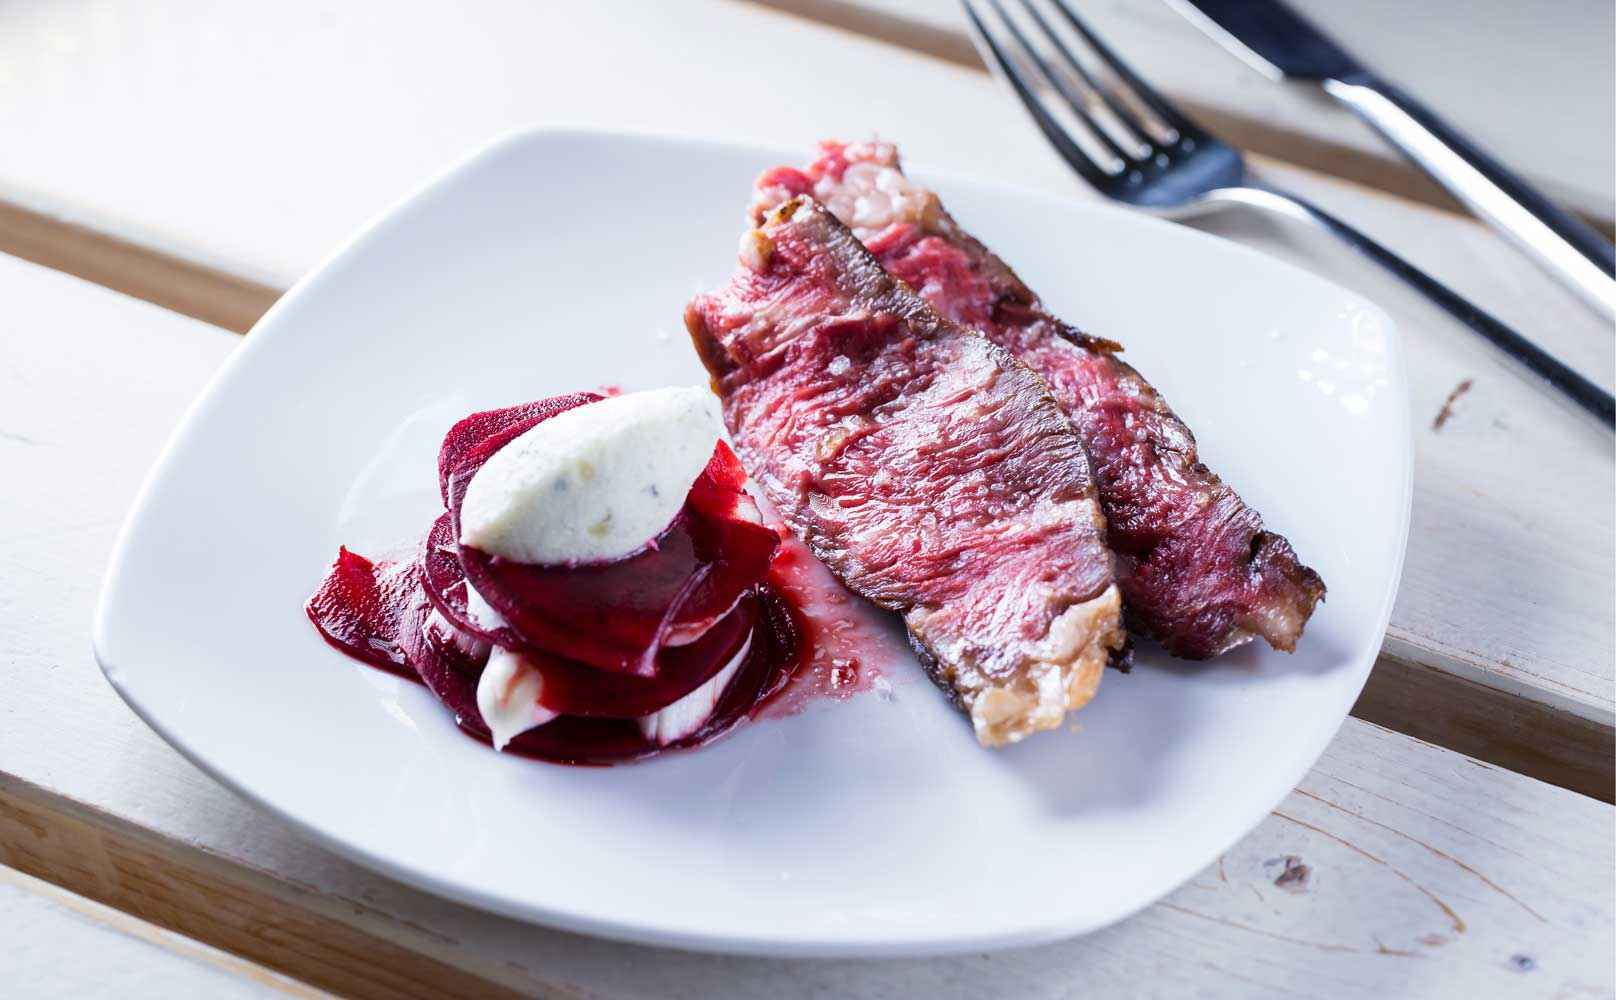 Rezept für Marinierter Rote Bete-Spargel Salat mit Roquefort-Mousse